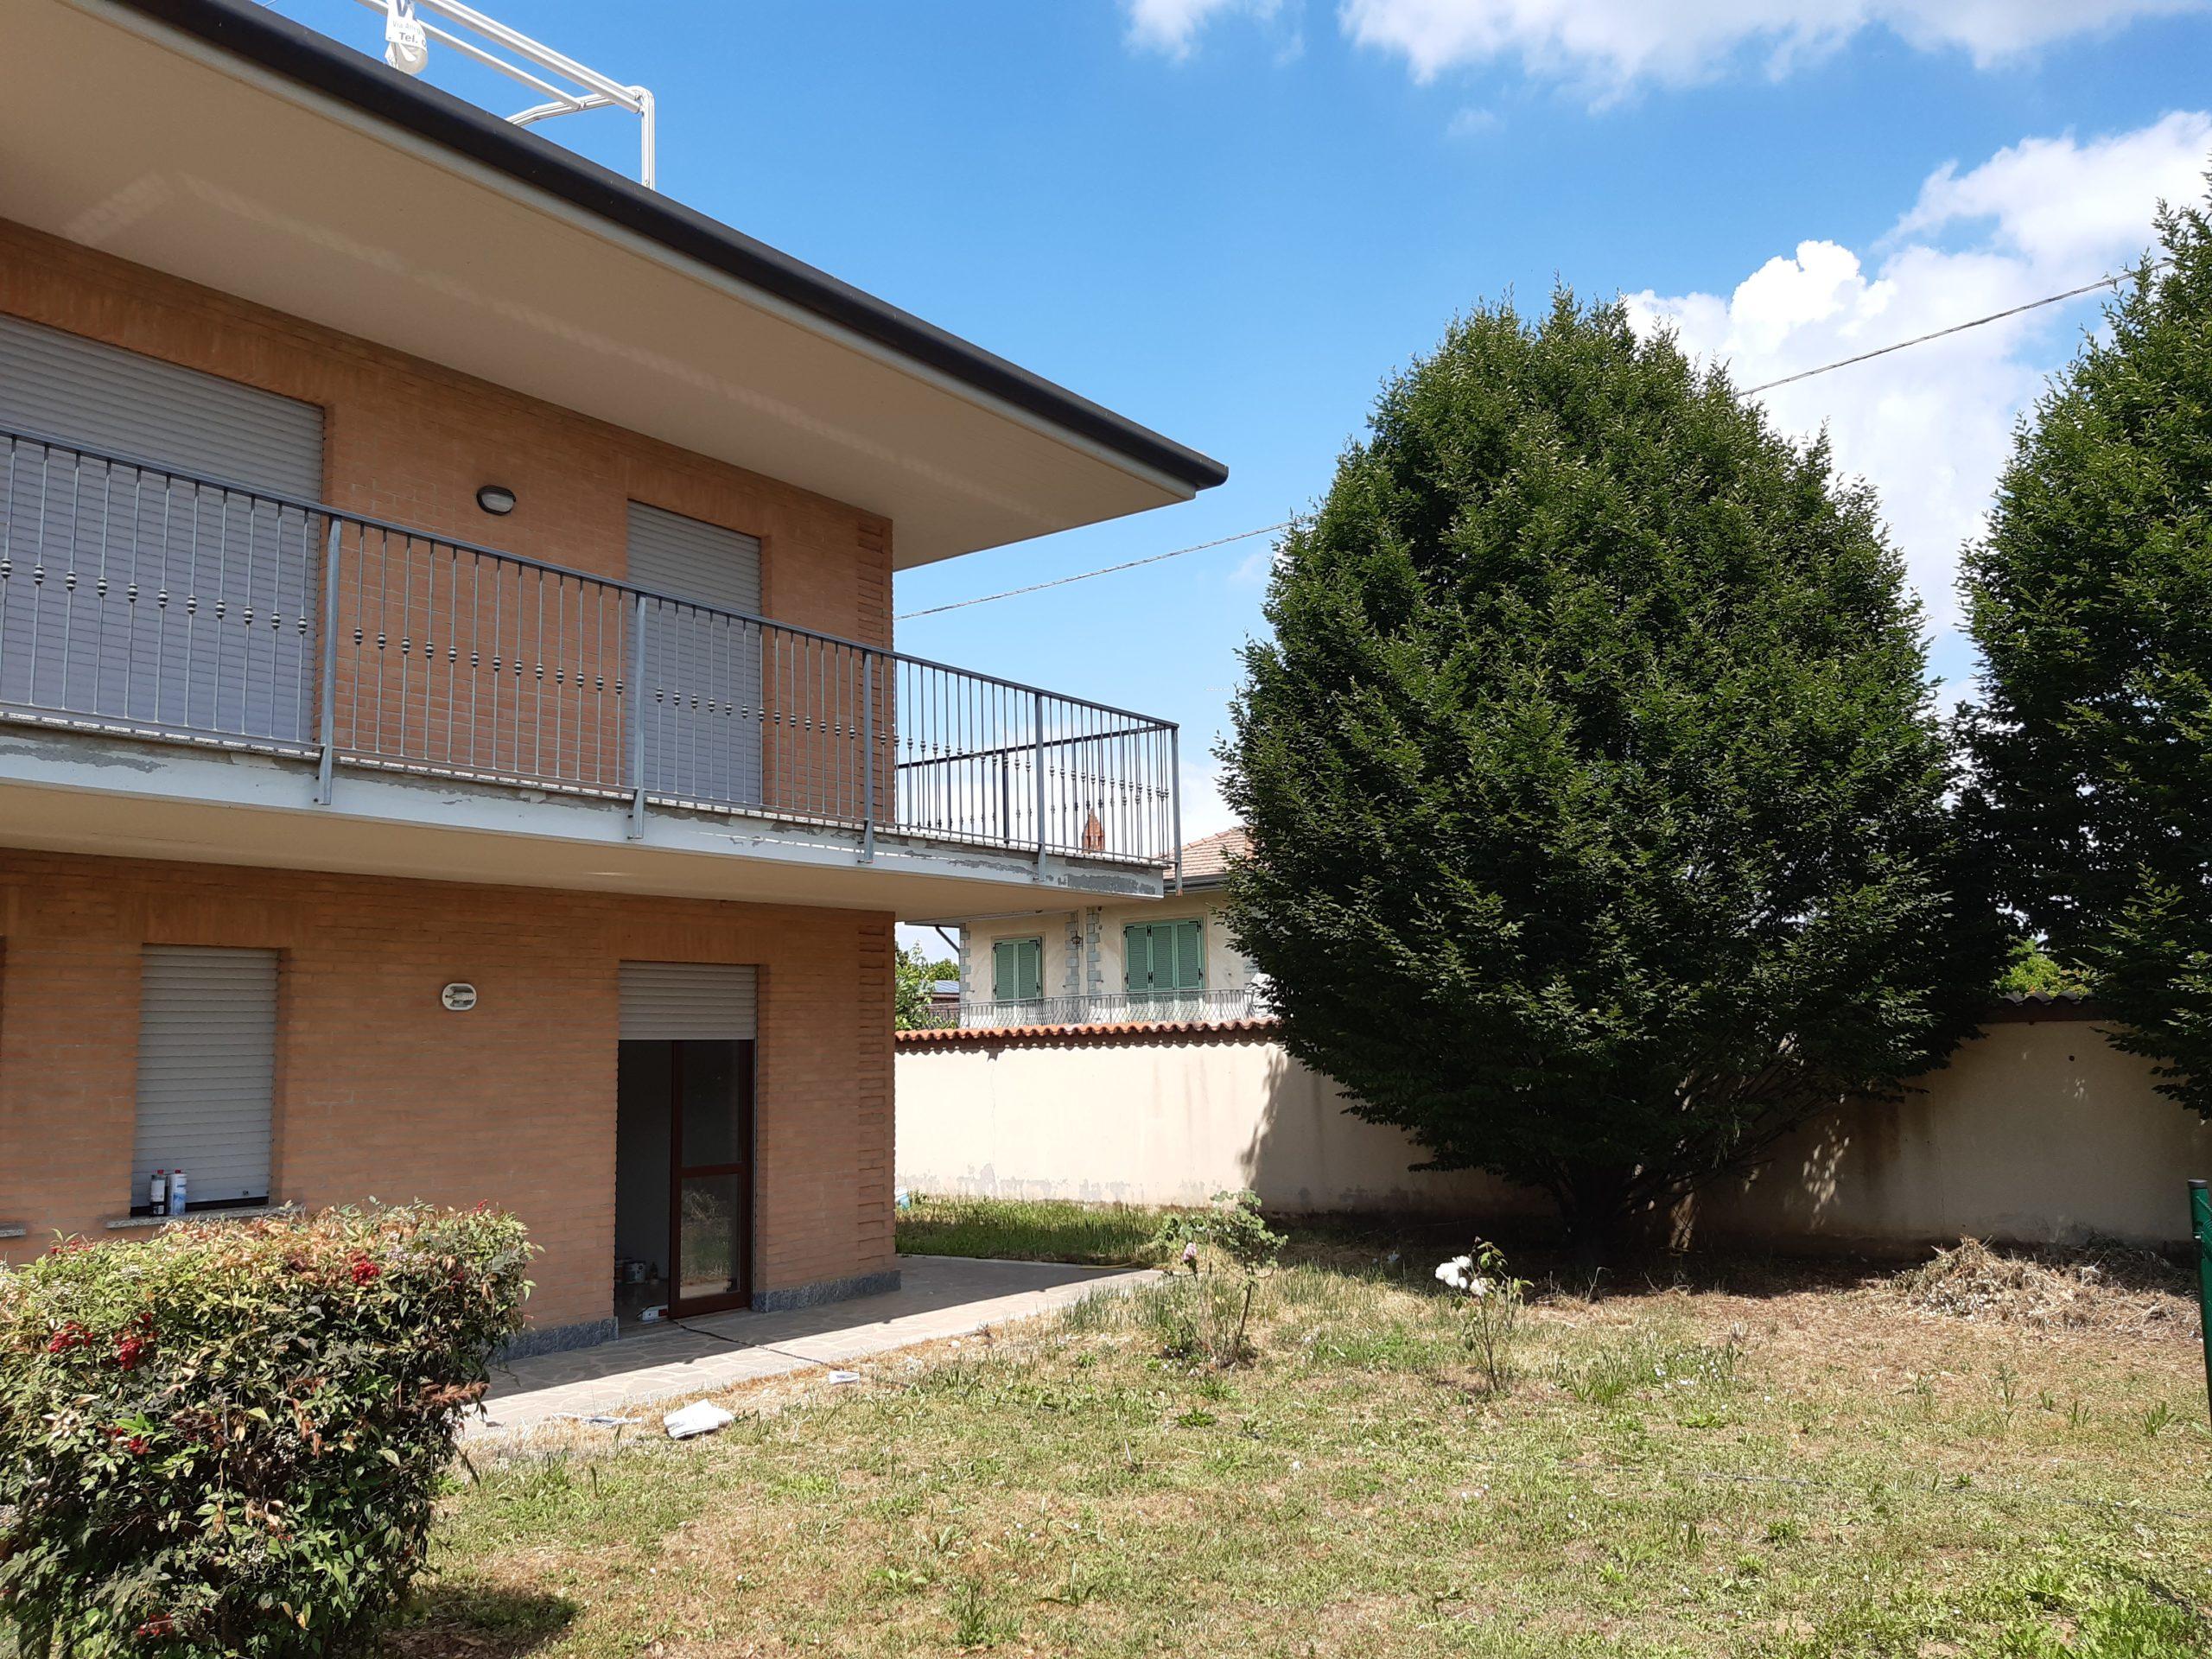 Trilocale con Terrazzo o Giardino a 129.000 Euro!!!